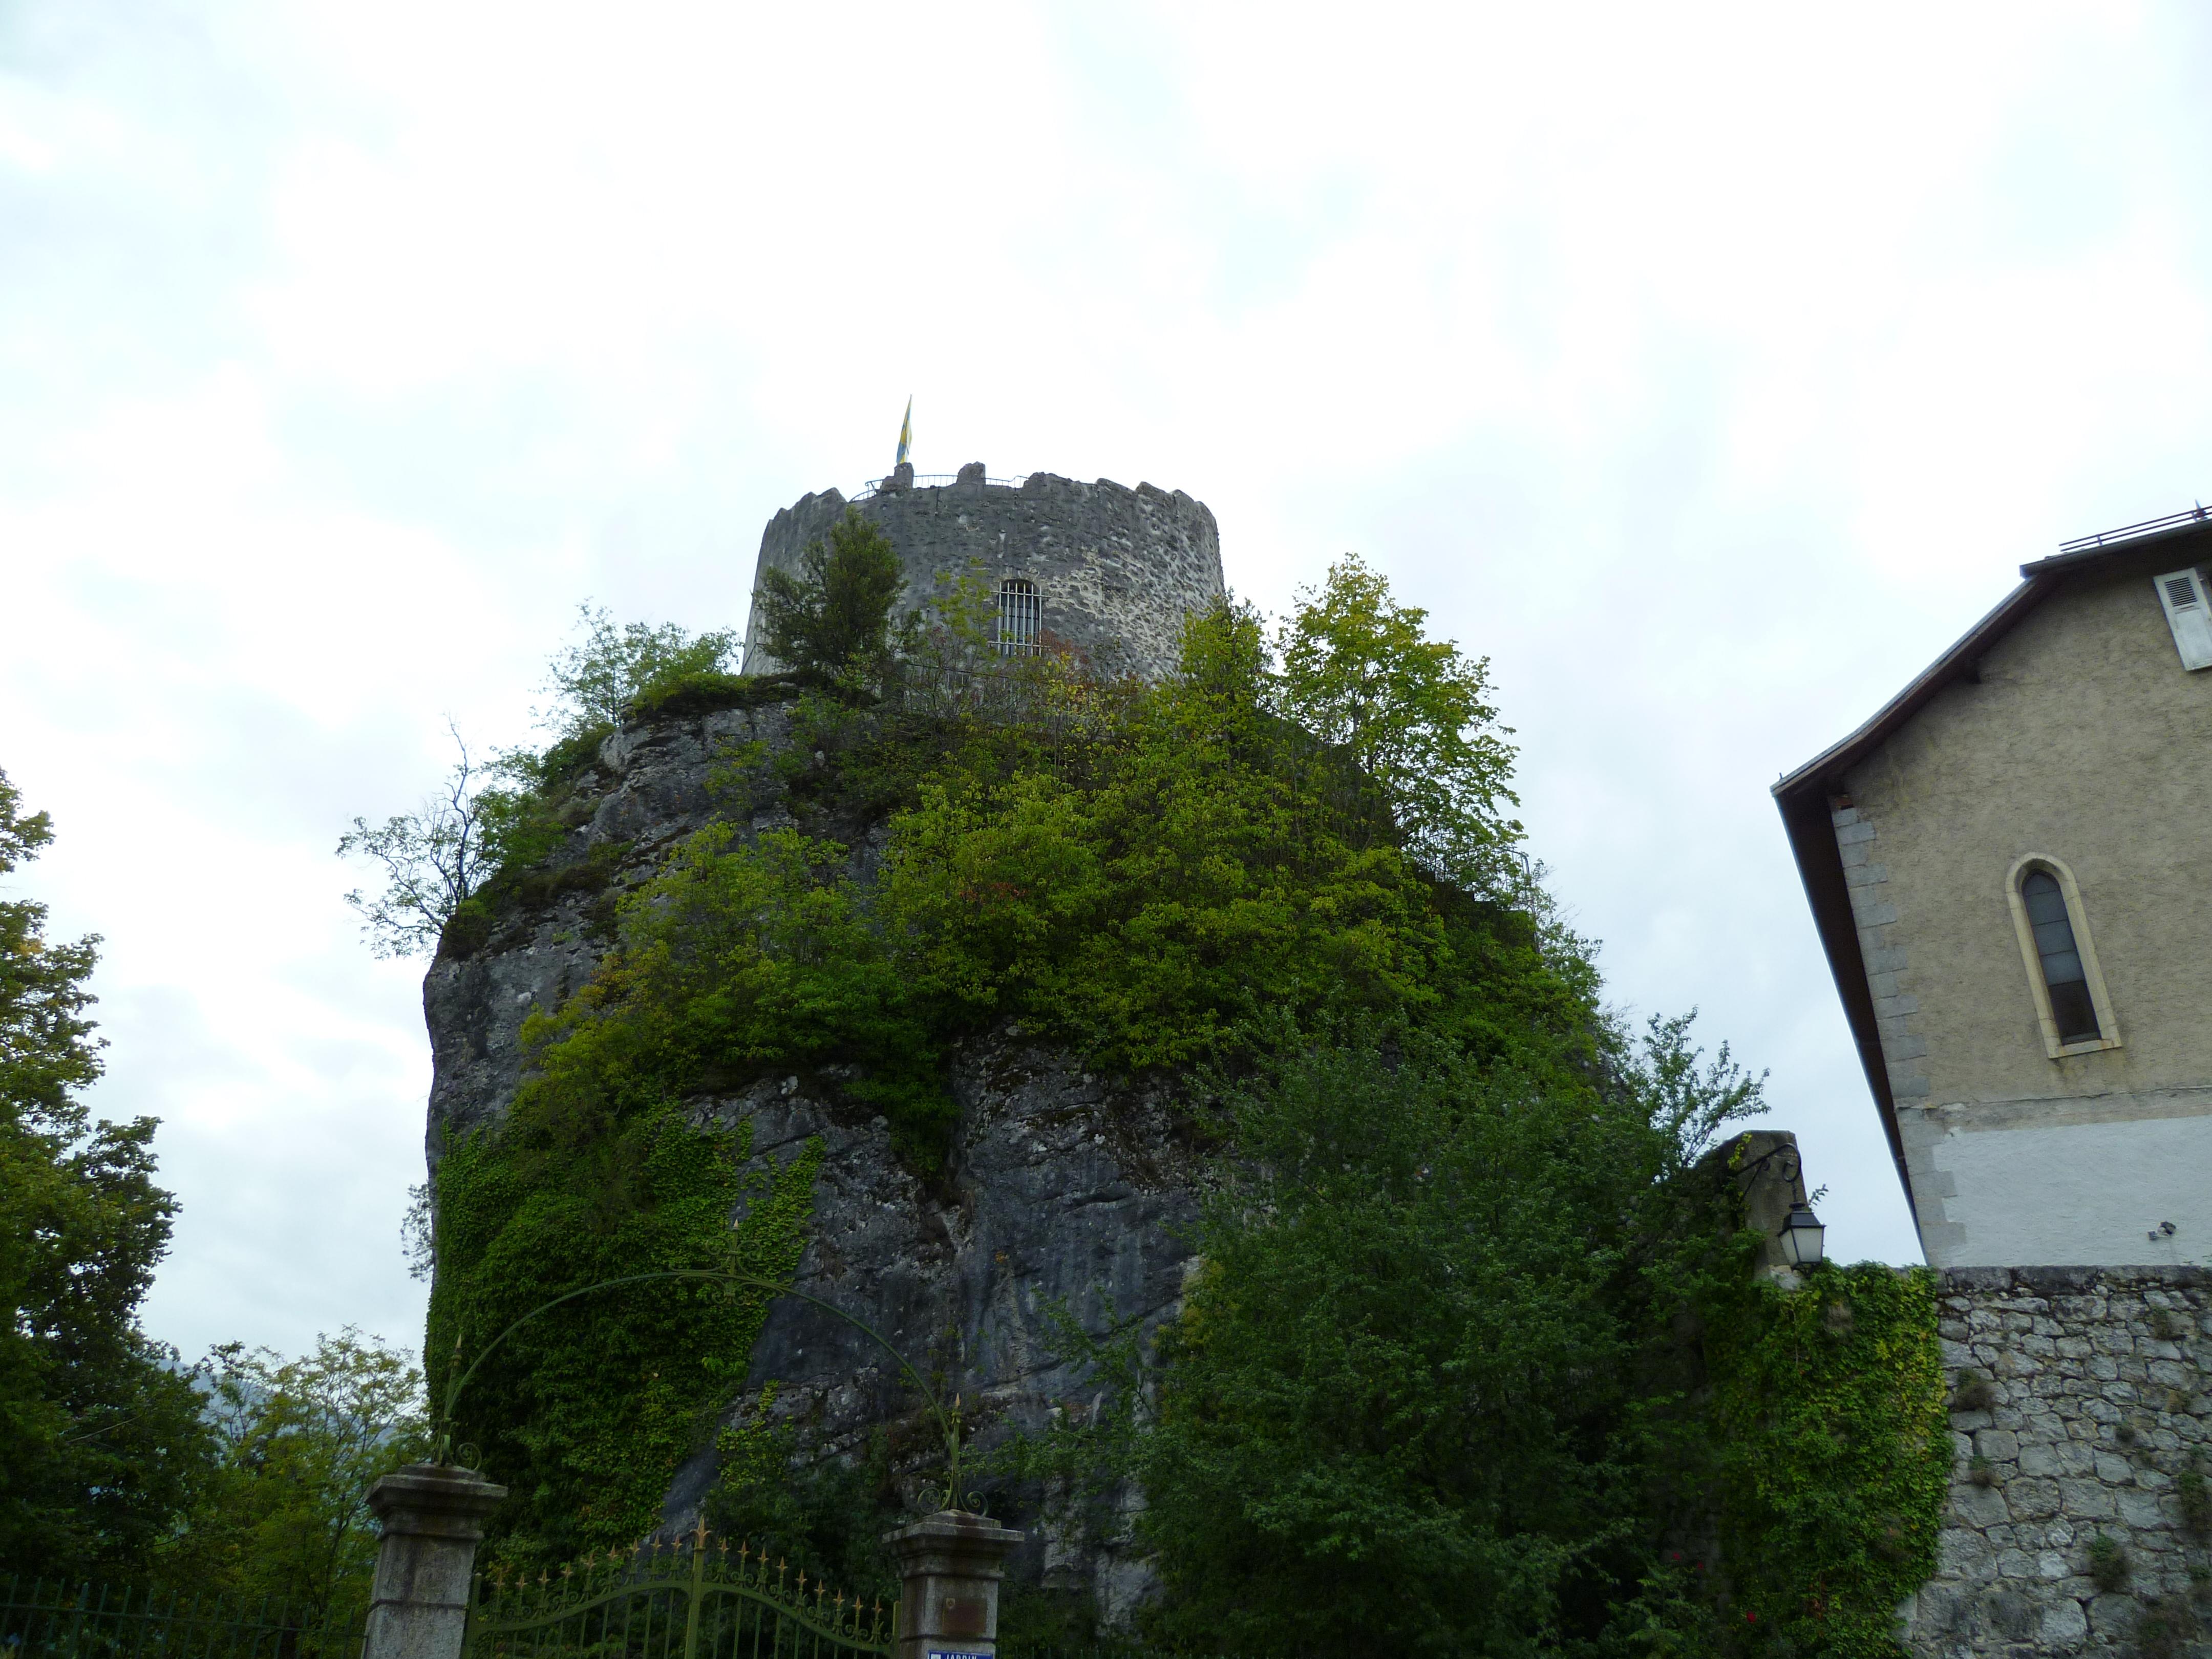 Castelo de La Roche-sur-Foron